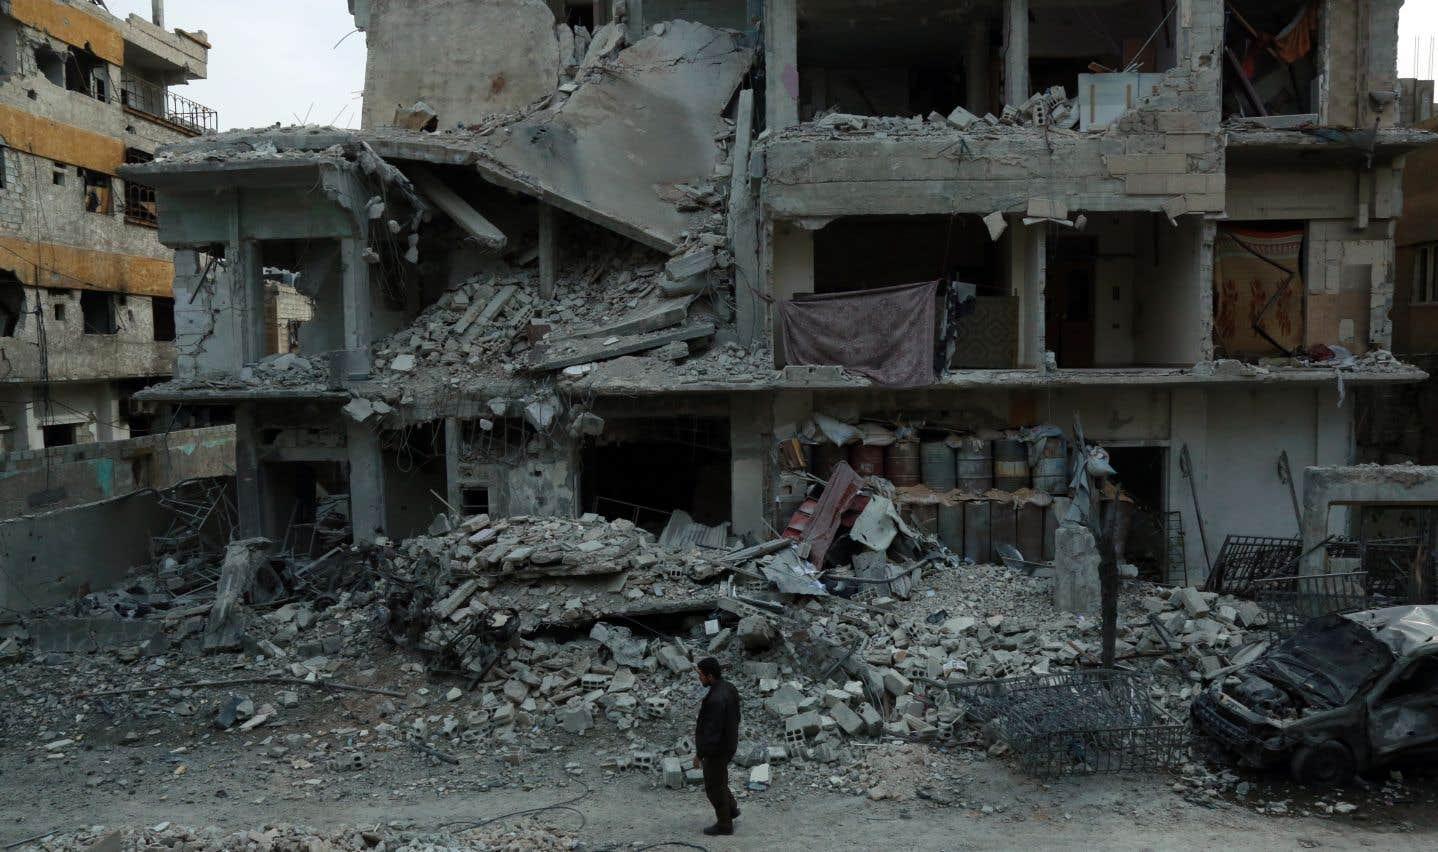 Un homme marche parmi les décombres dans la ville rebelle de Douma, faisant partie de la région assiégée de la Ghouta orientale.